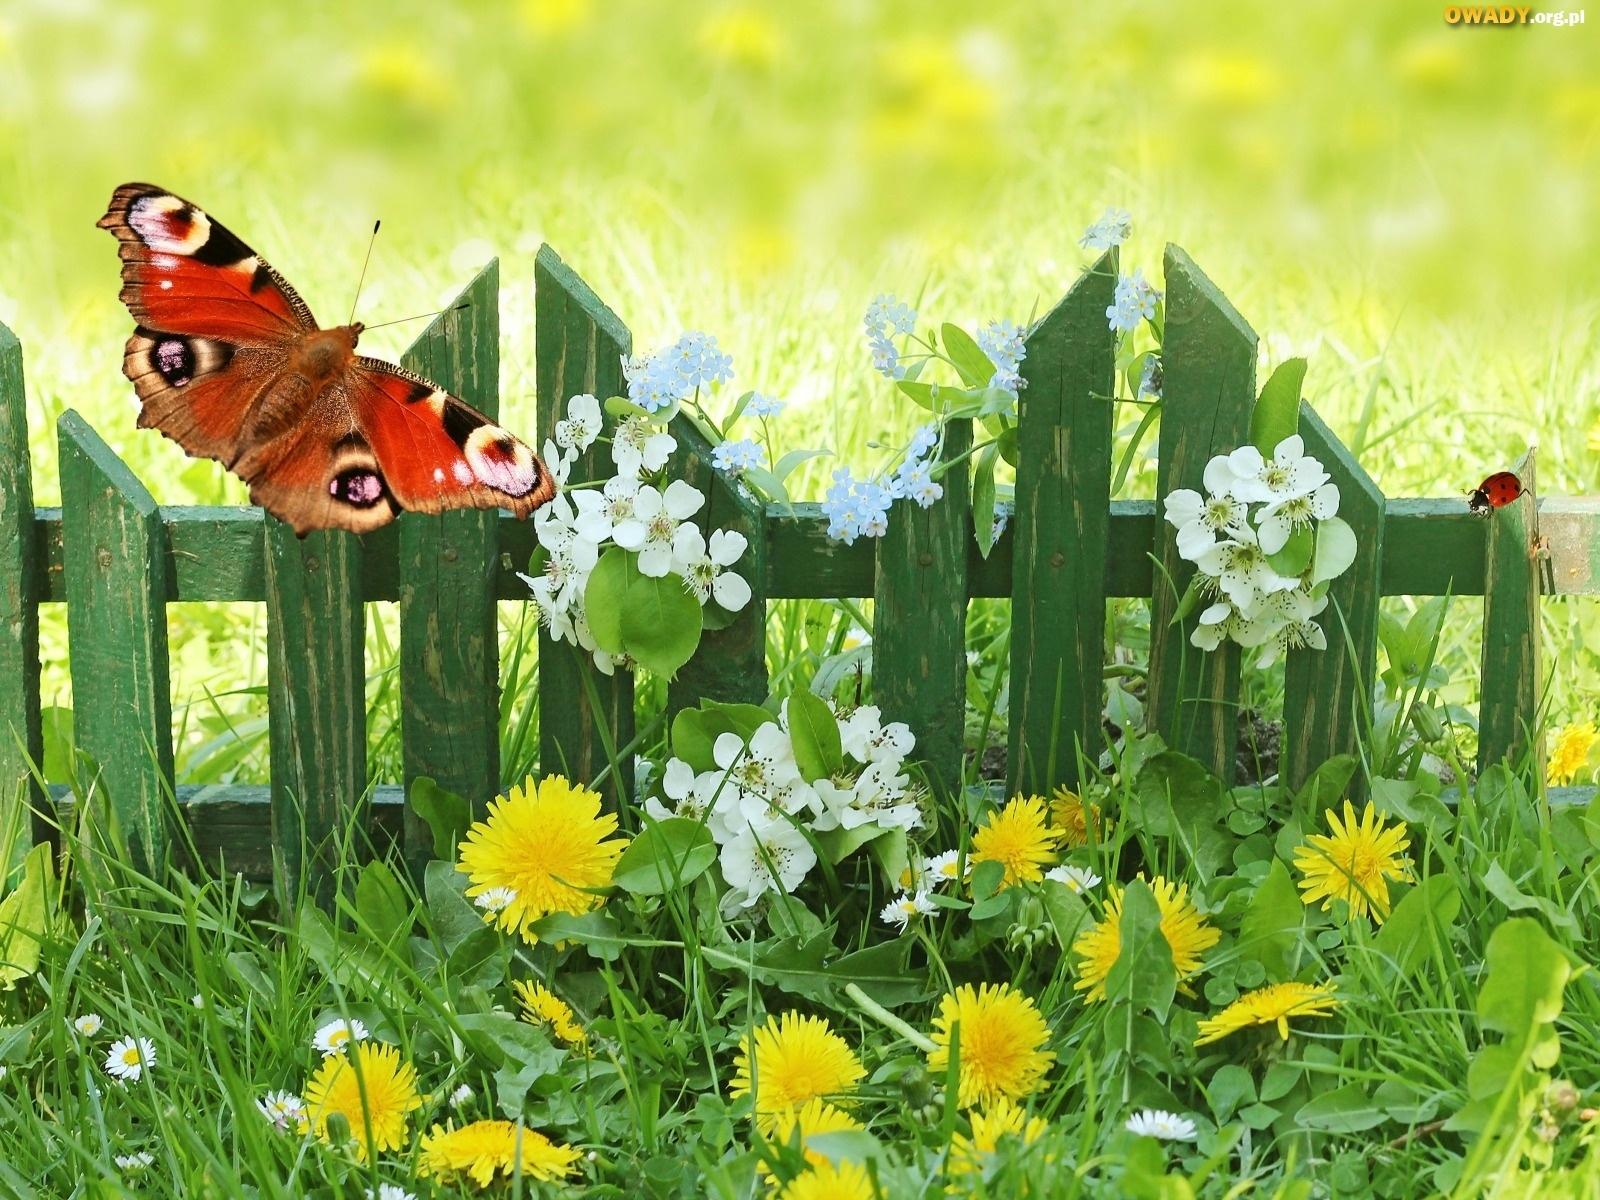 http://www.owady.eu/owady/plotek-aka-kwiaty-motylek-wiosna.jpeg